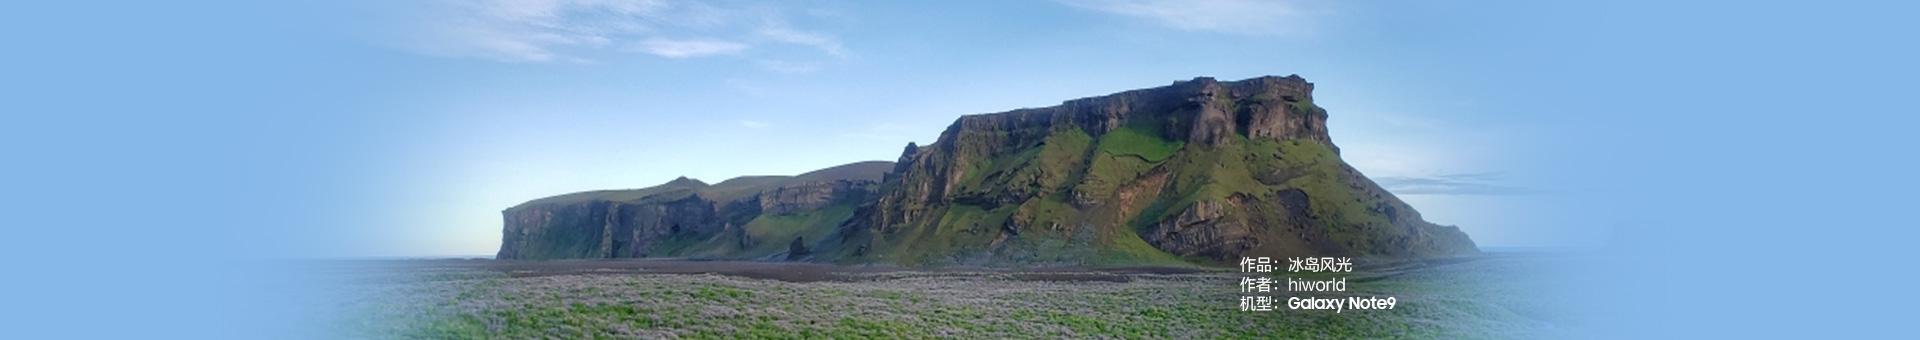 【回首寻美之路】冰岛风光